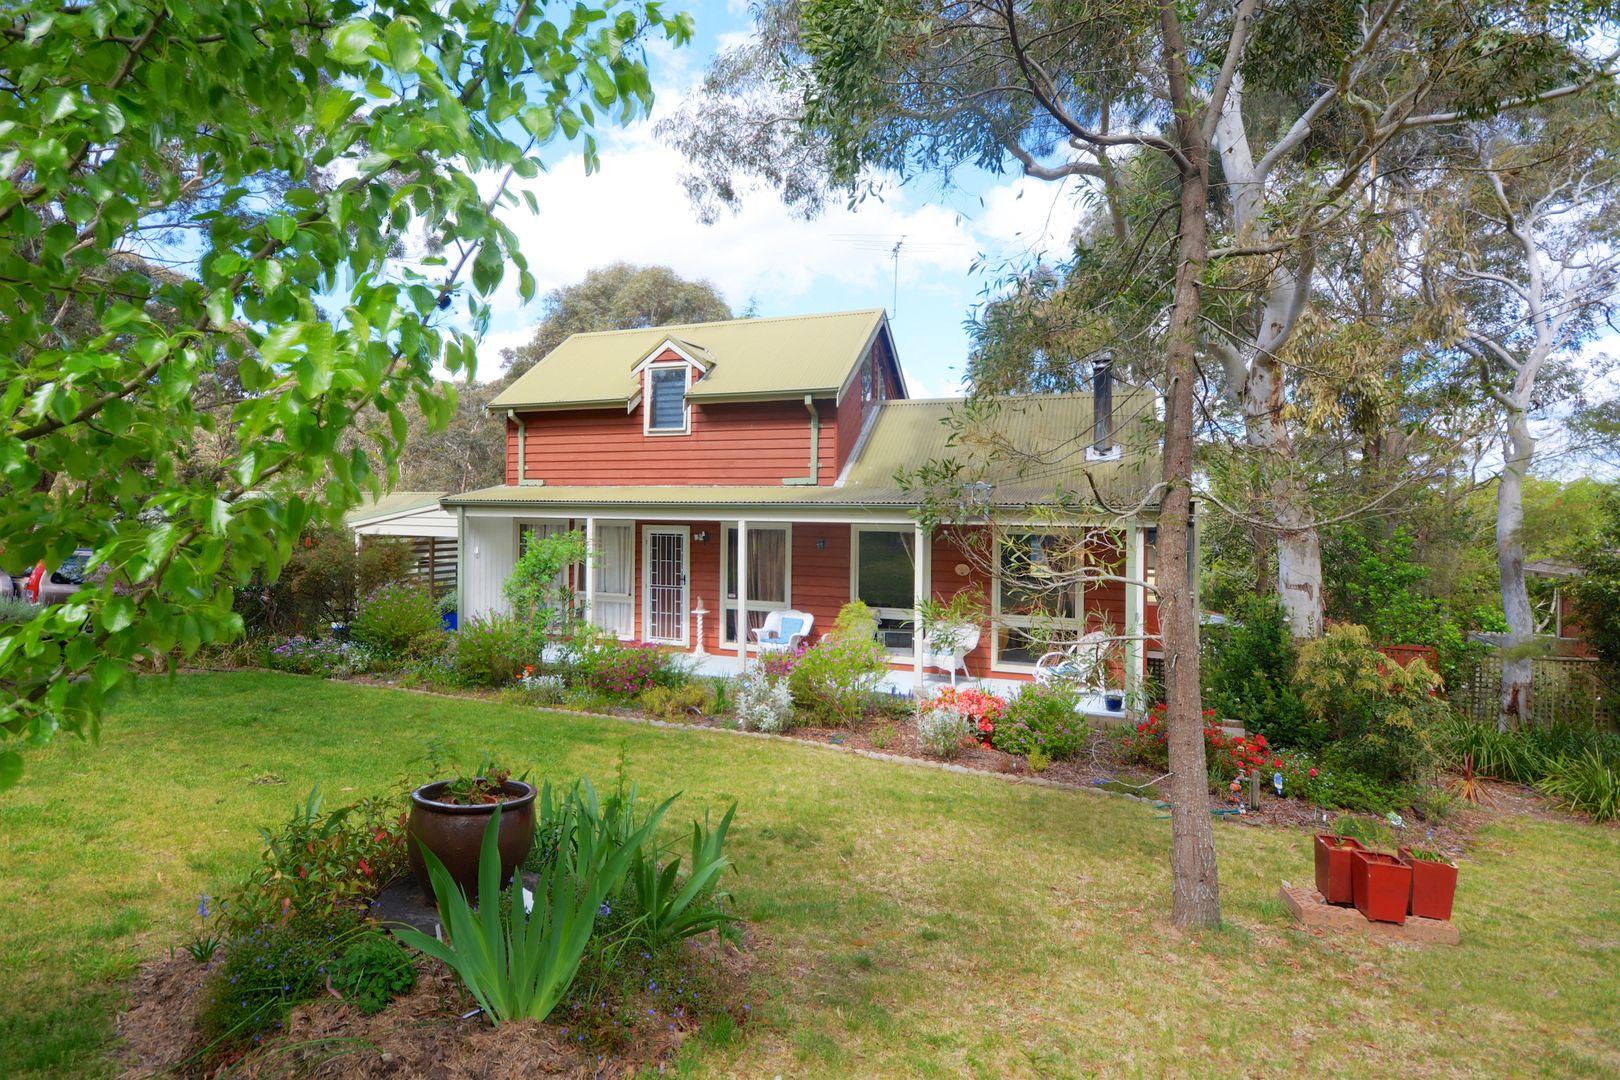 11-15 Kirkwood Street, Blackheath NSW 2785, Image 0